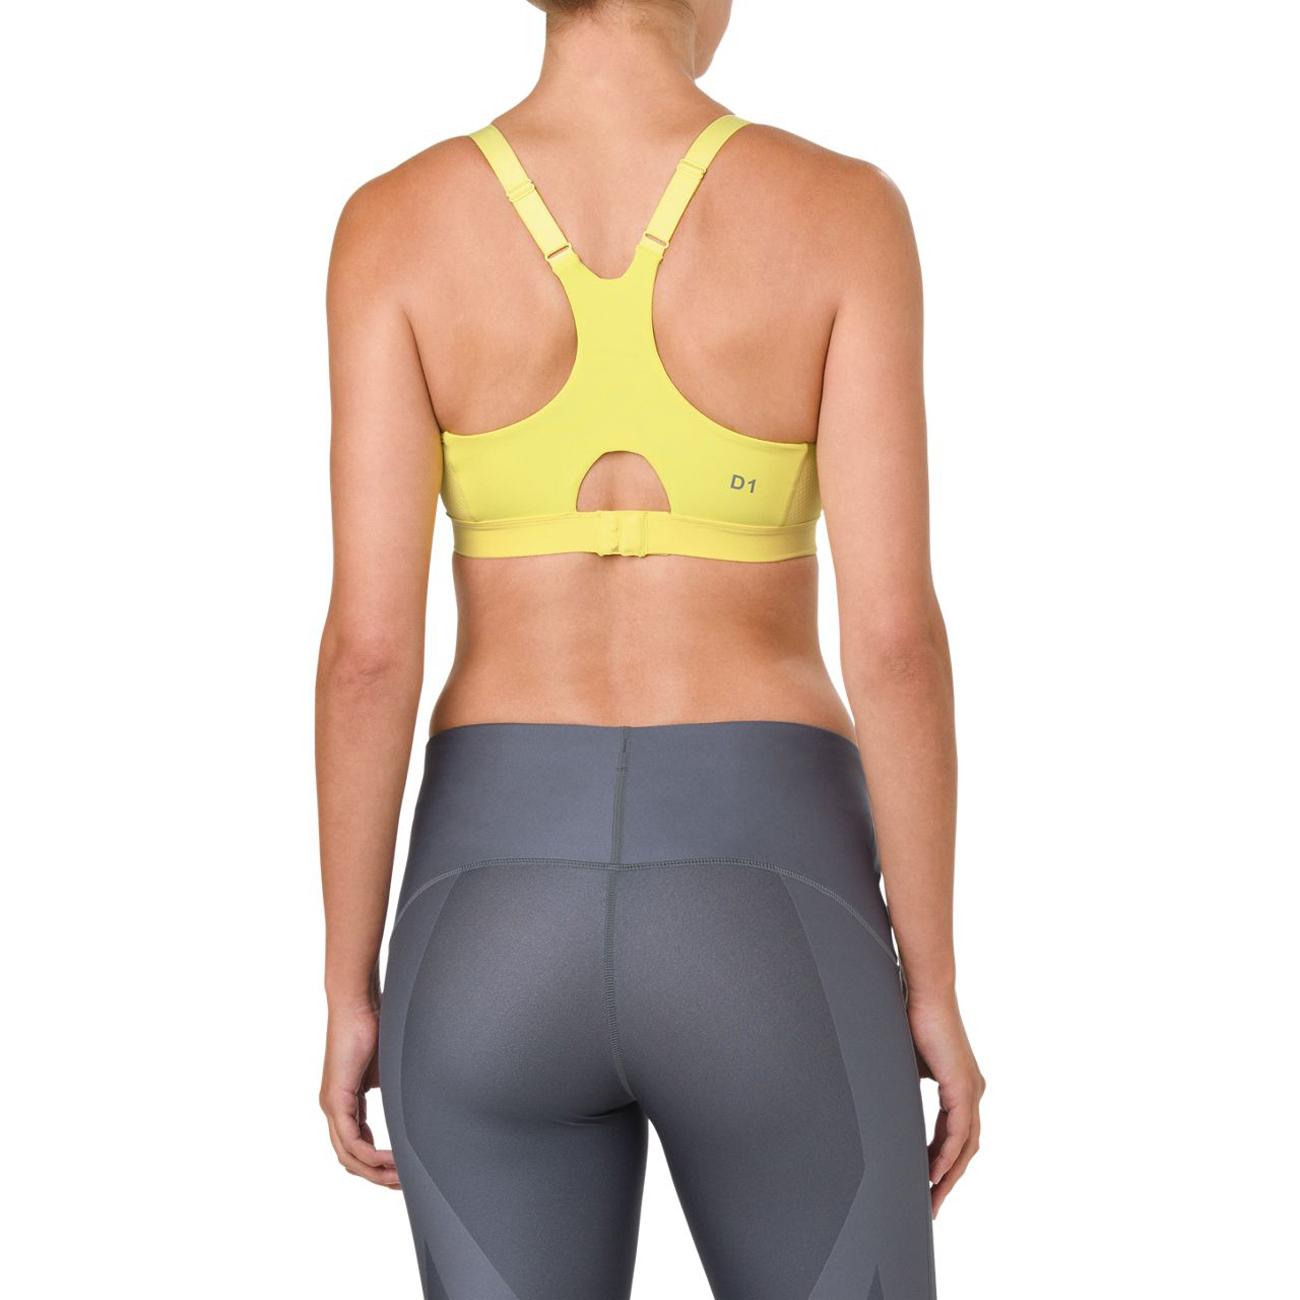 2f15496b32 Asics Women s Zero Distraction 2.0 Running Sports Bra - Lemon Spark ...